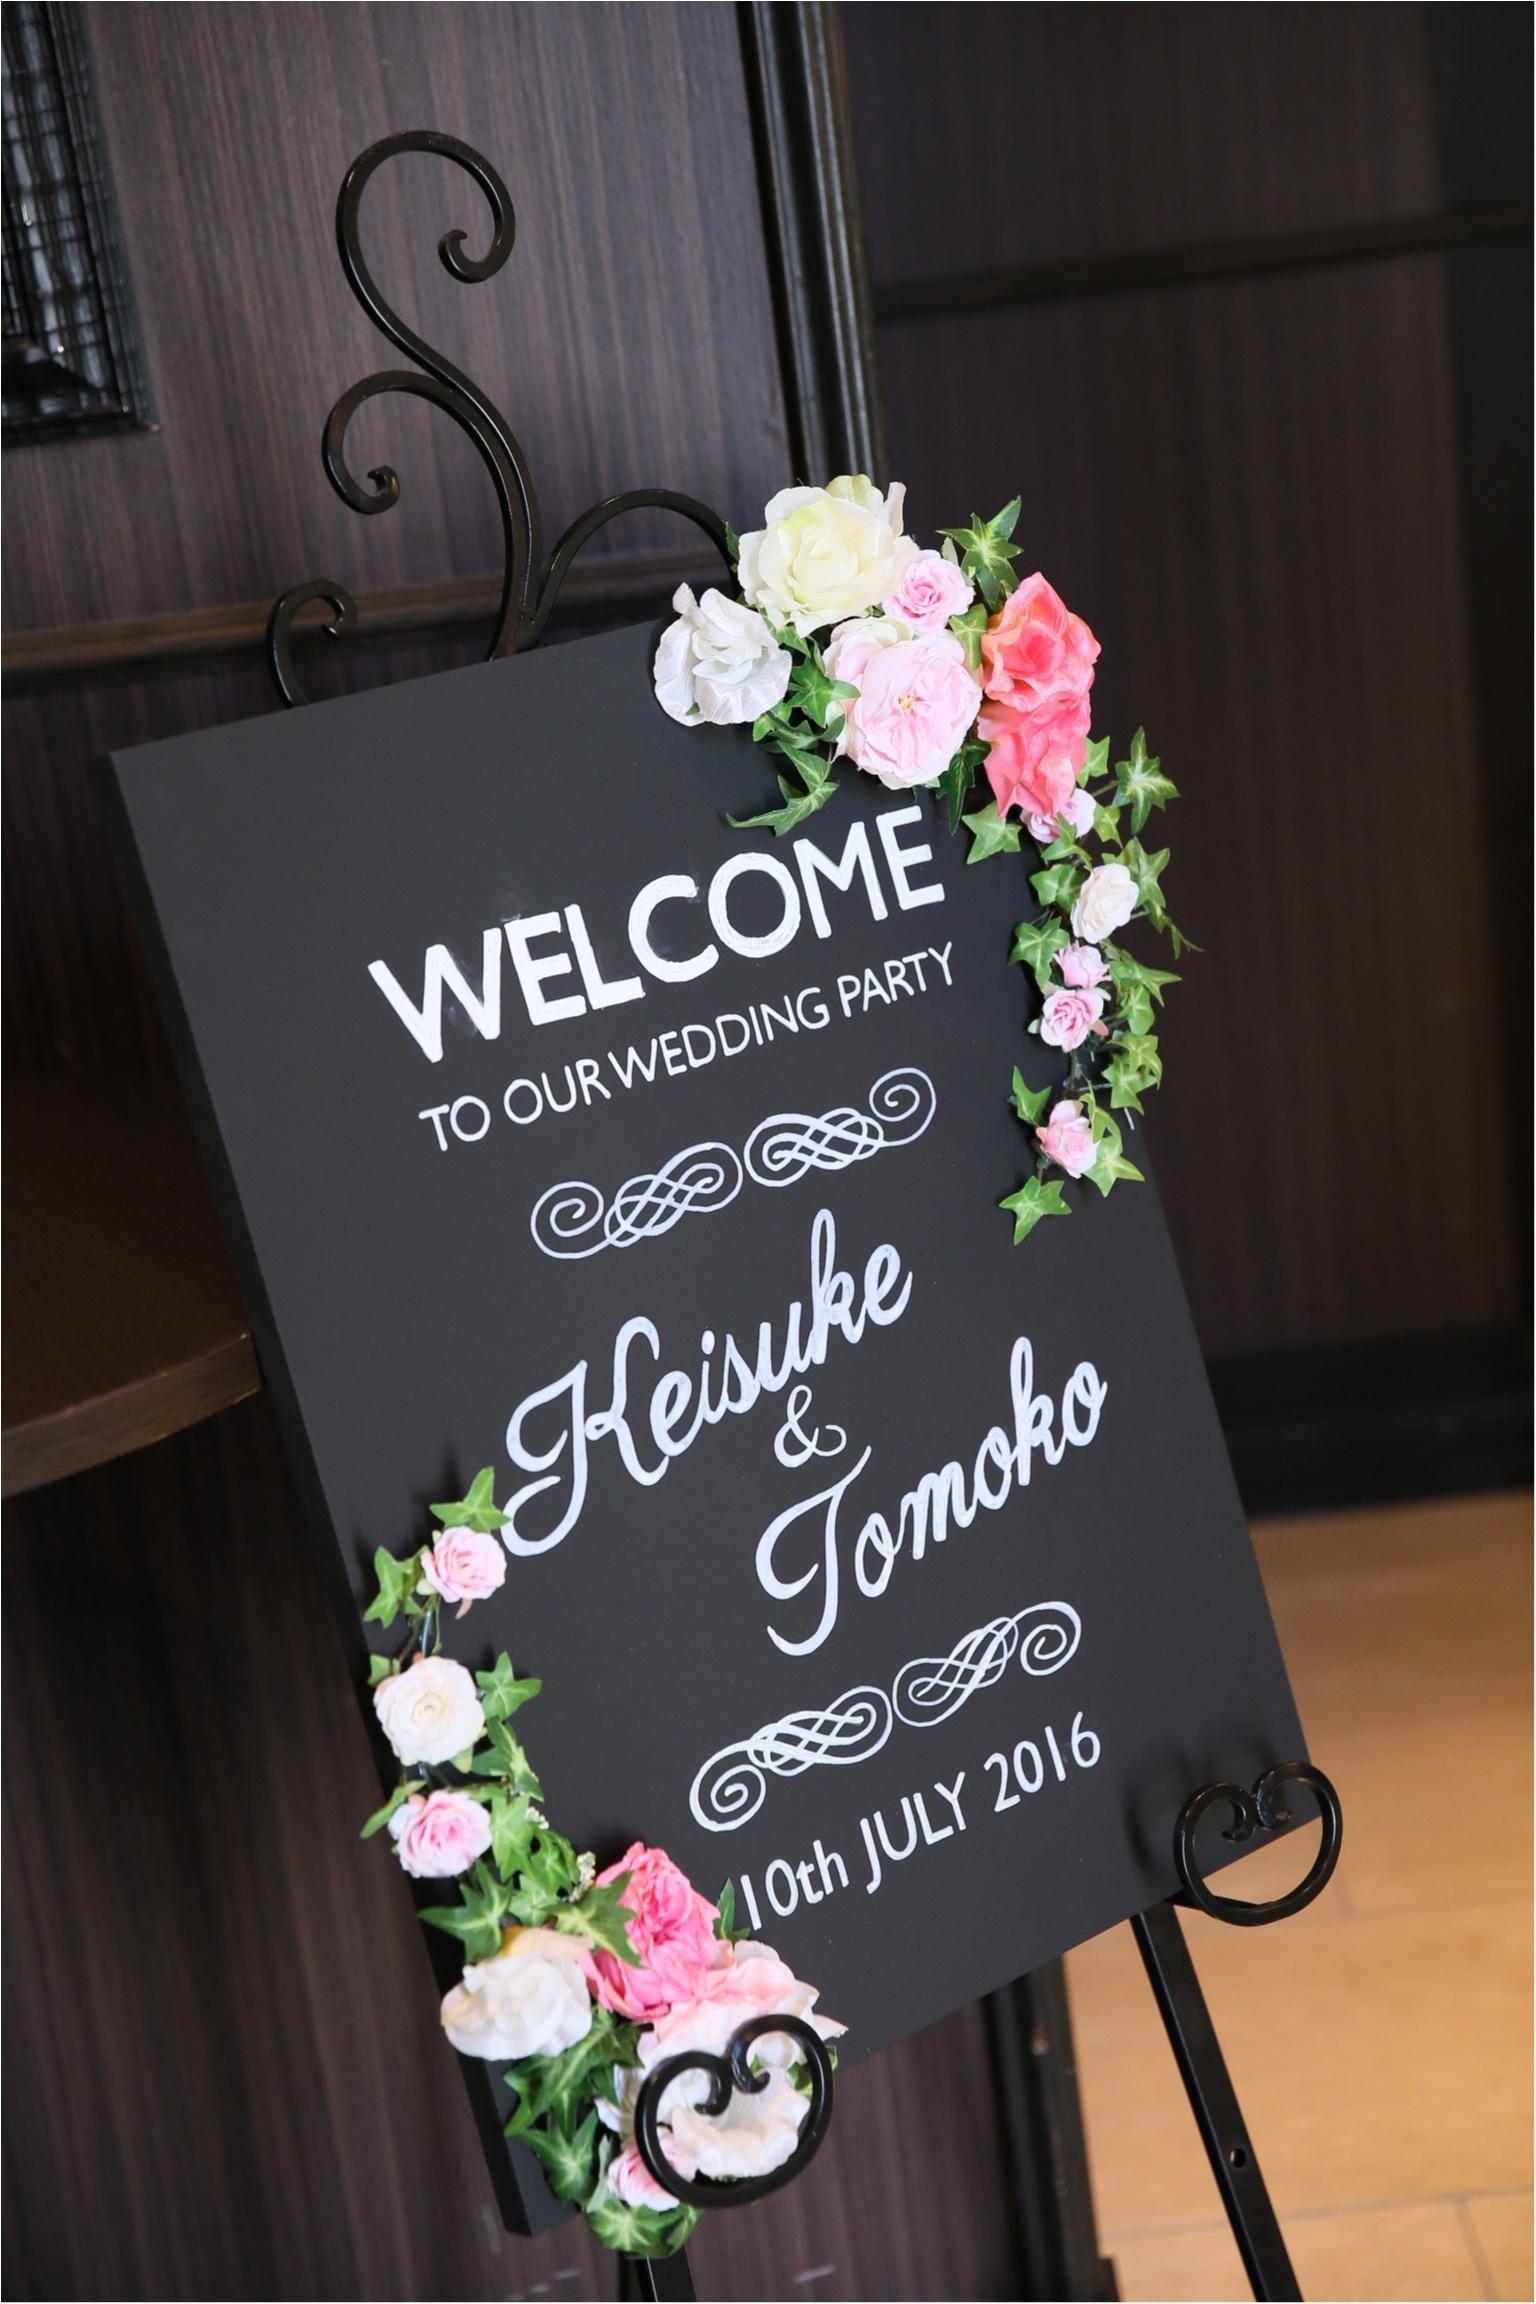 moco婚①▶︎結婚式は憧れのハウスウエディング♡青山迎賓館を貸切でワガママ空間に♡_8